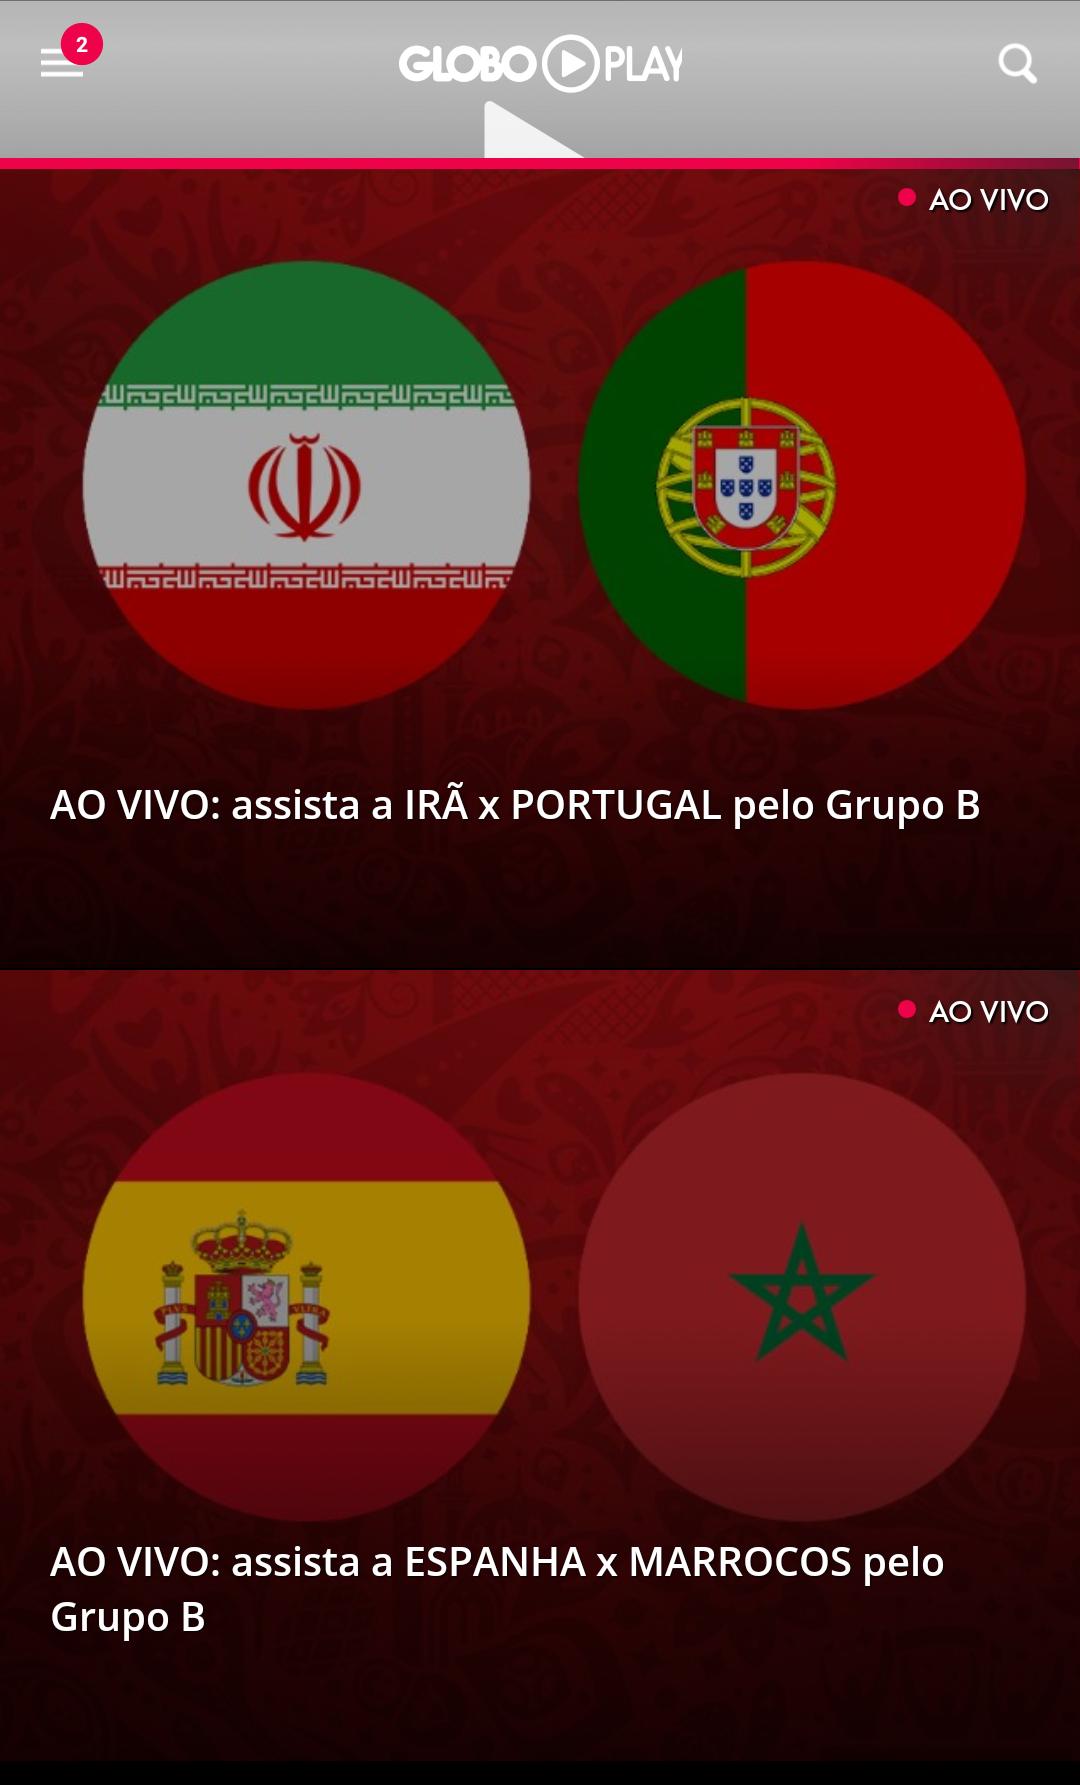 espanha e marrocos ao vivo online